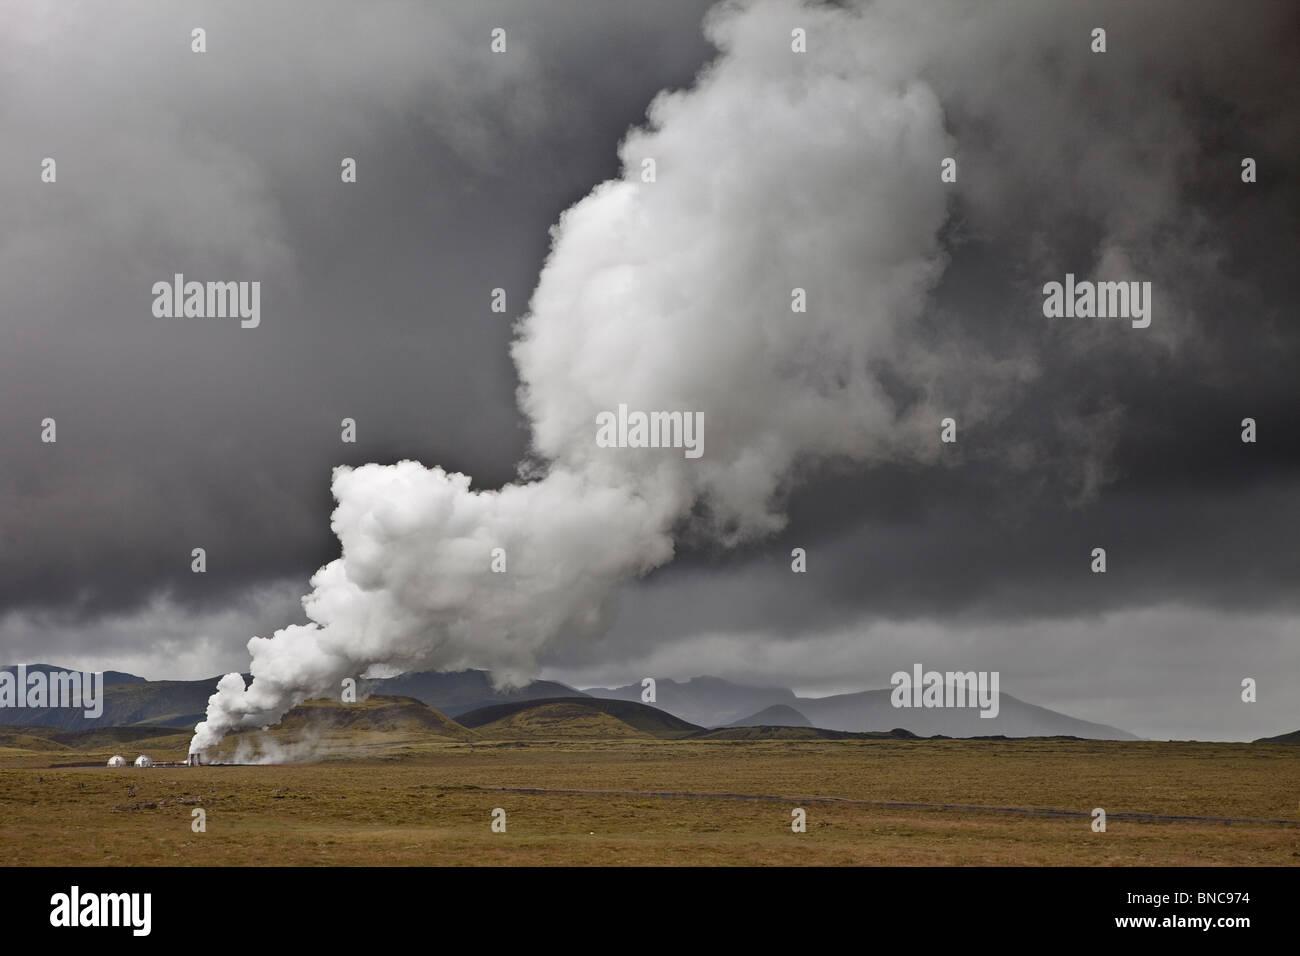 Sorgenti calde geotermali vaporizzazione, South Coast, Islanda Immagini Stock